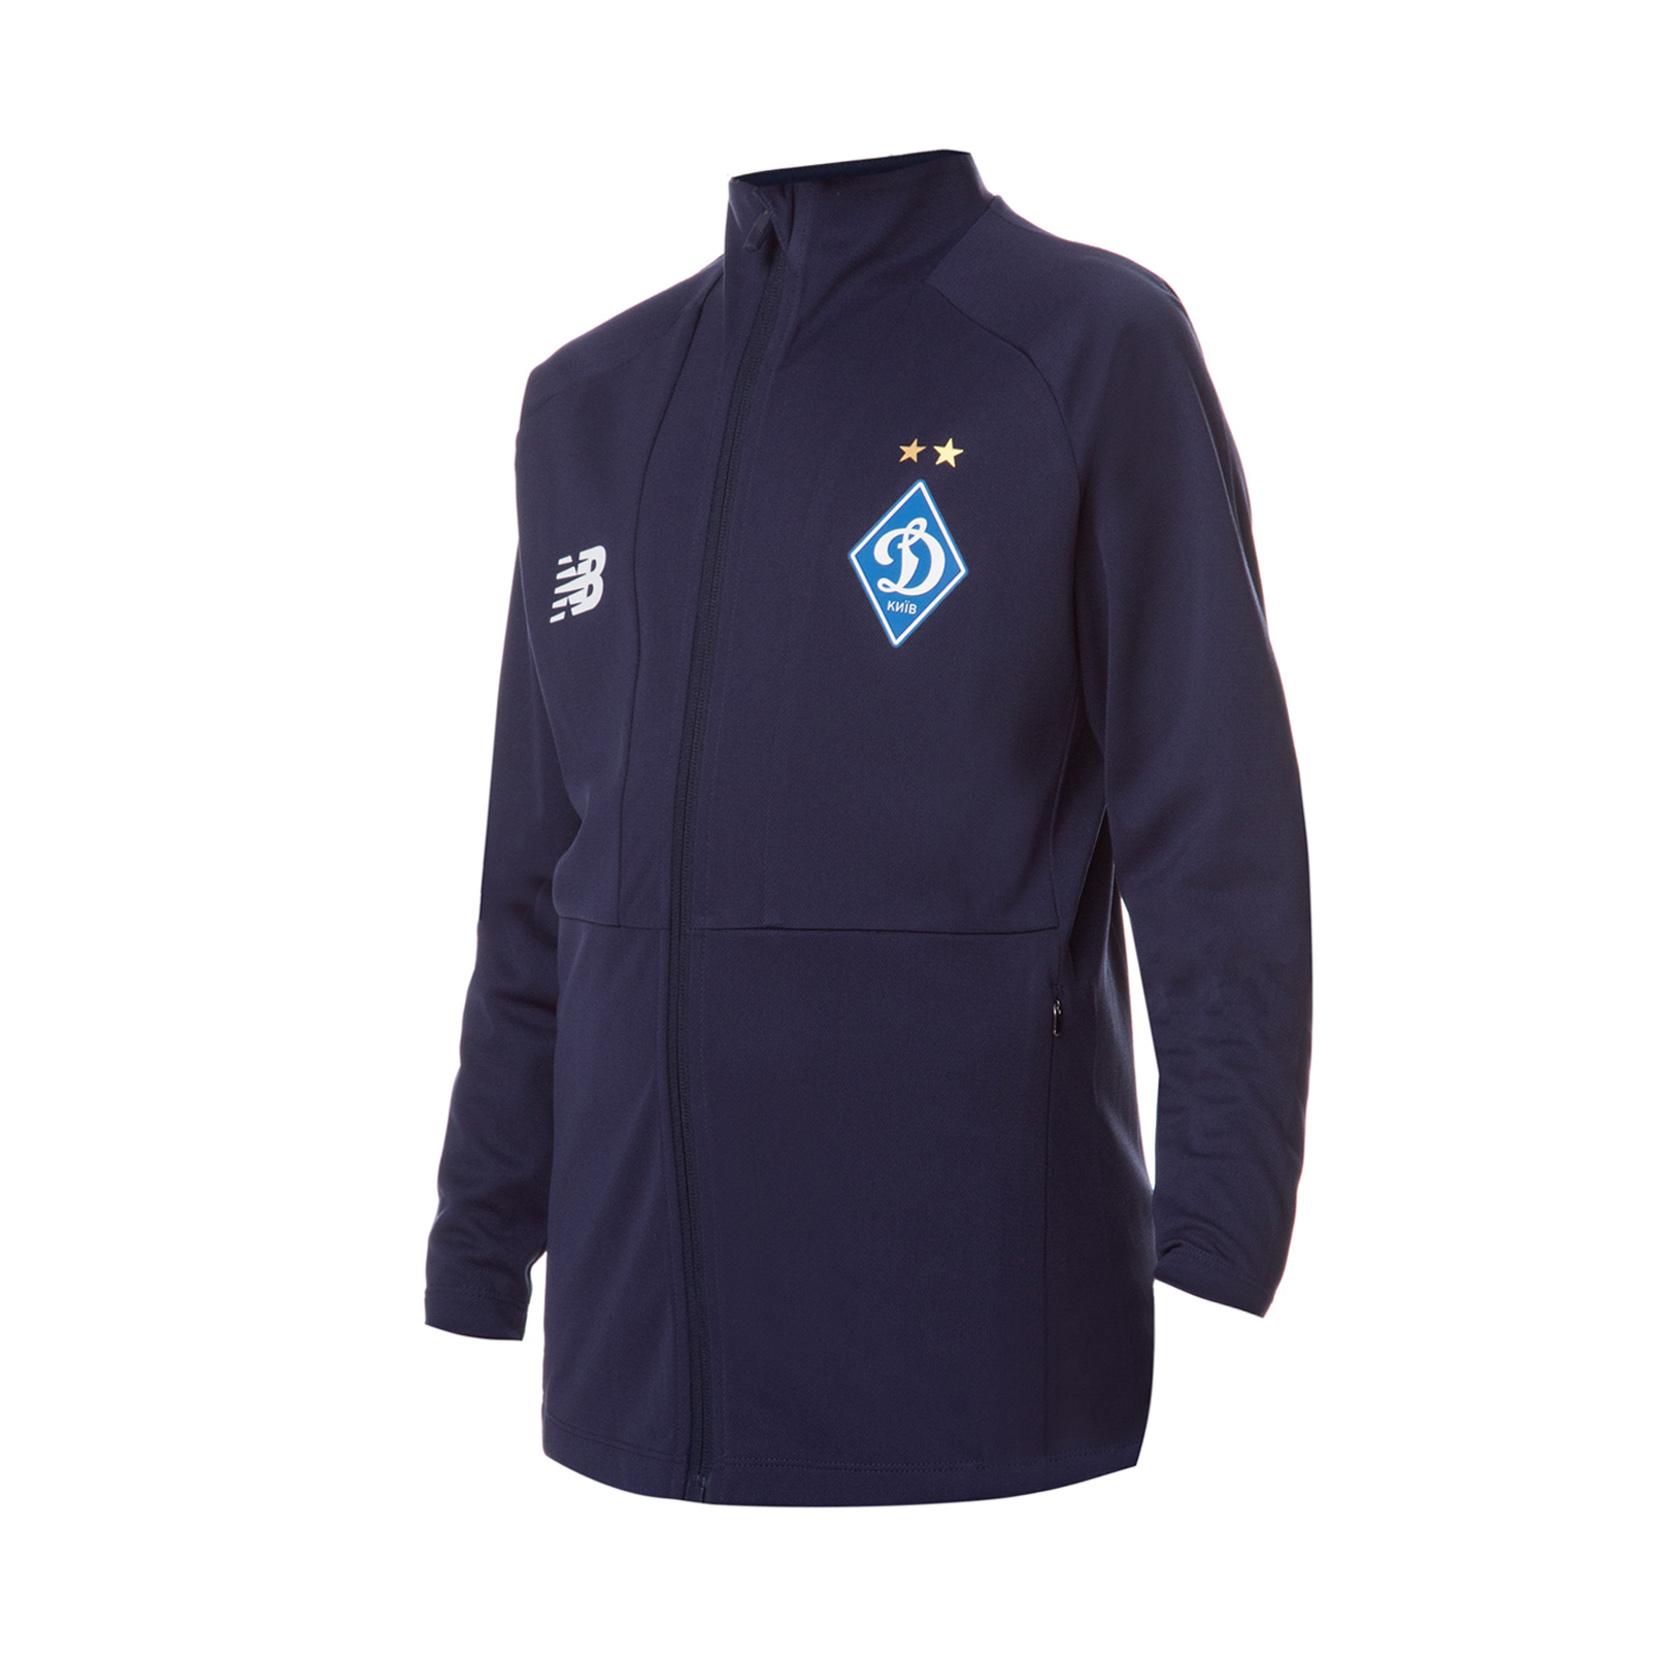 Куртка спортивна тренувальна юнацька ФК «Динамо» Київ для дітей JJ931521NV   New Balance